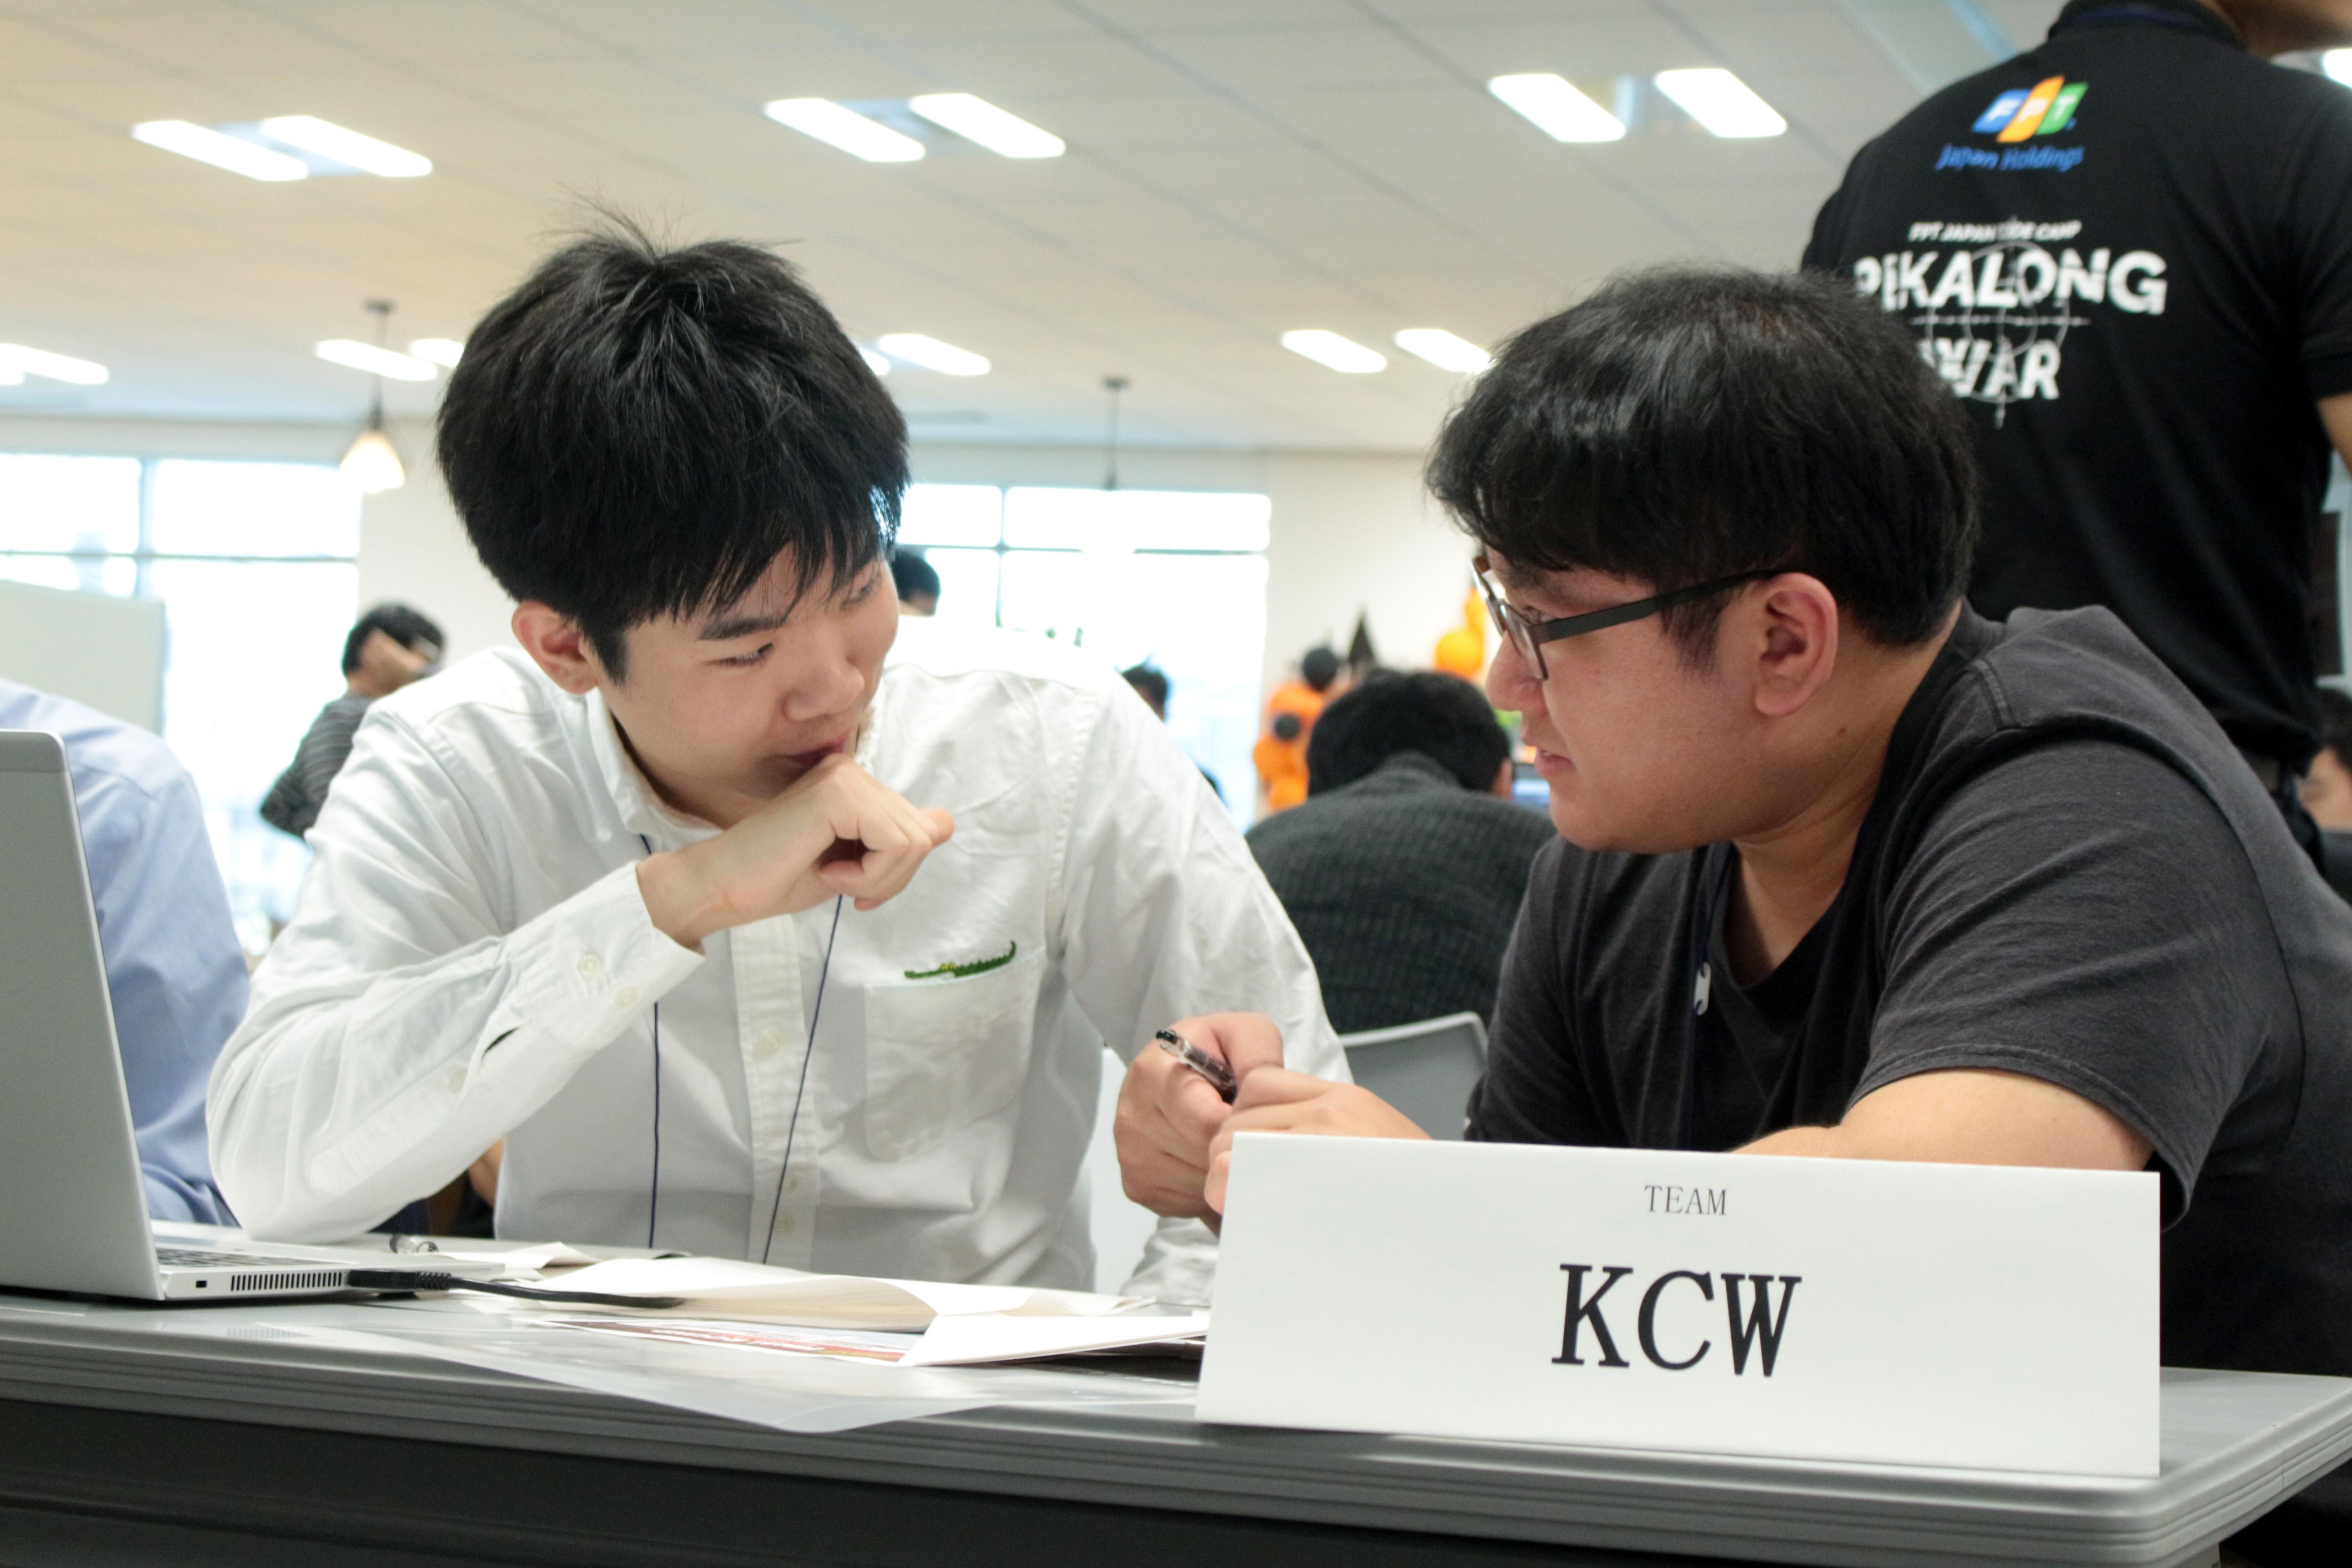 13 giờ 30 (giờ Tokyo), 11 đội tiếp tục bước vào vòng thi giải thuật. Đến 16 giờ 40 phút (tức 14h40 Việt Nam), thứ hạng các đội đã thay đổi. Theo đó, FPT Japan đang chiếm ưu thế và có kết quả tốt. KCW (Nhật Bản) tạm đứng thứ 4 khi hoàn thành 5/9 bài.